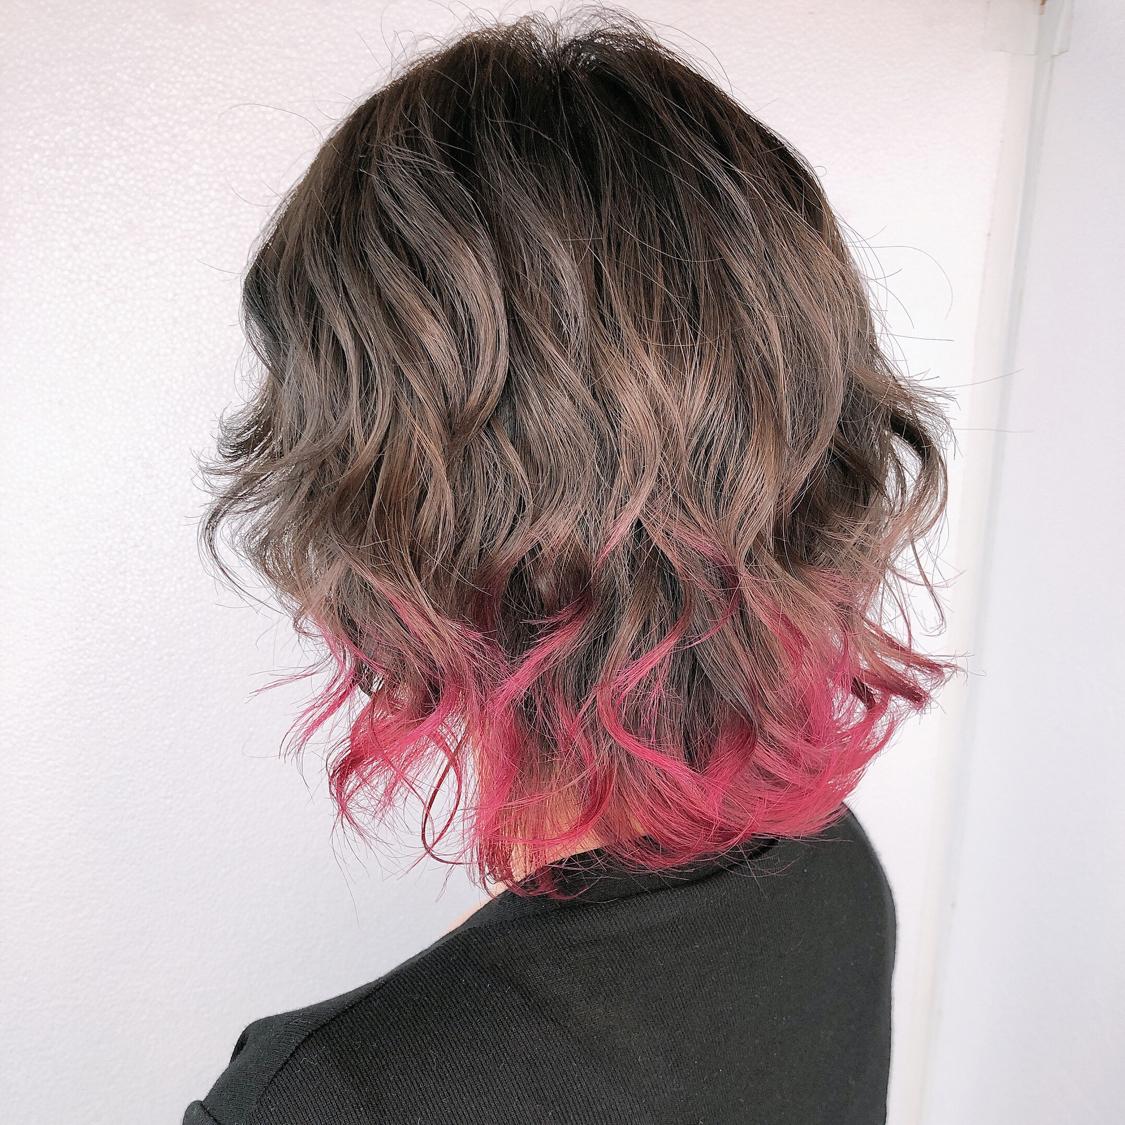 【ココアブラウンcolor】  ハイライト履歴あり!  全体ブリーチだと髪へのダメージが心配で、色落ちの金髪も気になる方が多いと思います。 でも透明感欲しくて、綺麗な色やしたい色はブリーチ使用してる事が多いので、今回はハイライトを全体に入れて理想的な透明感あるアッシュグレージュを実現!  一度ハイライト入れてたら 毎回ハイライトしなくても履歴あればワンカラーで何度か楽しめるのでオススメです^ ^  N.ポリッシュオイルで完成!  #岡山美容室#岡山美容師#サロンモデル#サロンスタイル#美人 #外国人風グラデーションカラー#hair#オシャレ#波ウェーブ#hairstyle#haircolor#3dカラー#髪型#古作蓮#フォローしてくれた人全員フォローする #外国人風#beauty#西海岸風#撮影モデル#美容室MICHI#michi富田店#大元駅#大元駅美容室#stylist#followme#岡山美容院 #カリスマ美容師#ココアブラウン #サロンワーク#外国人風カラー